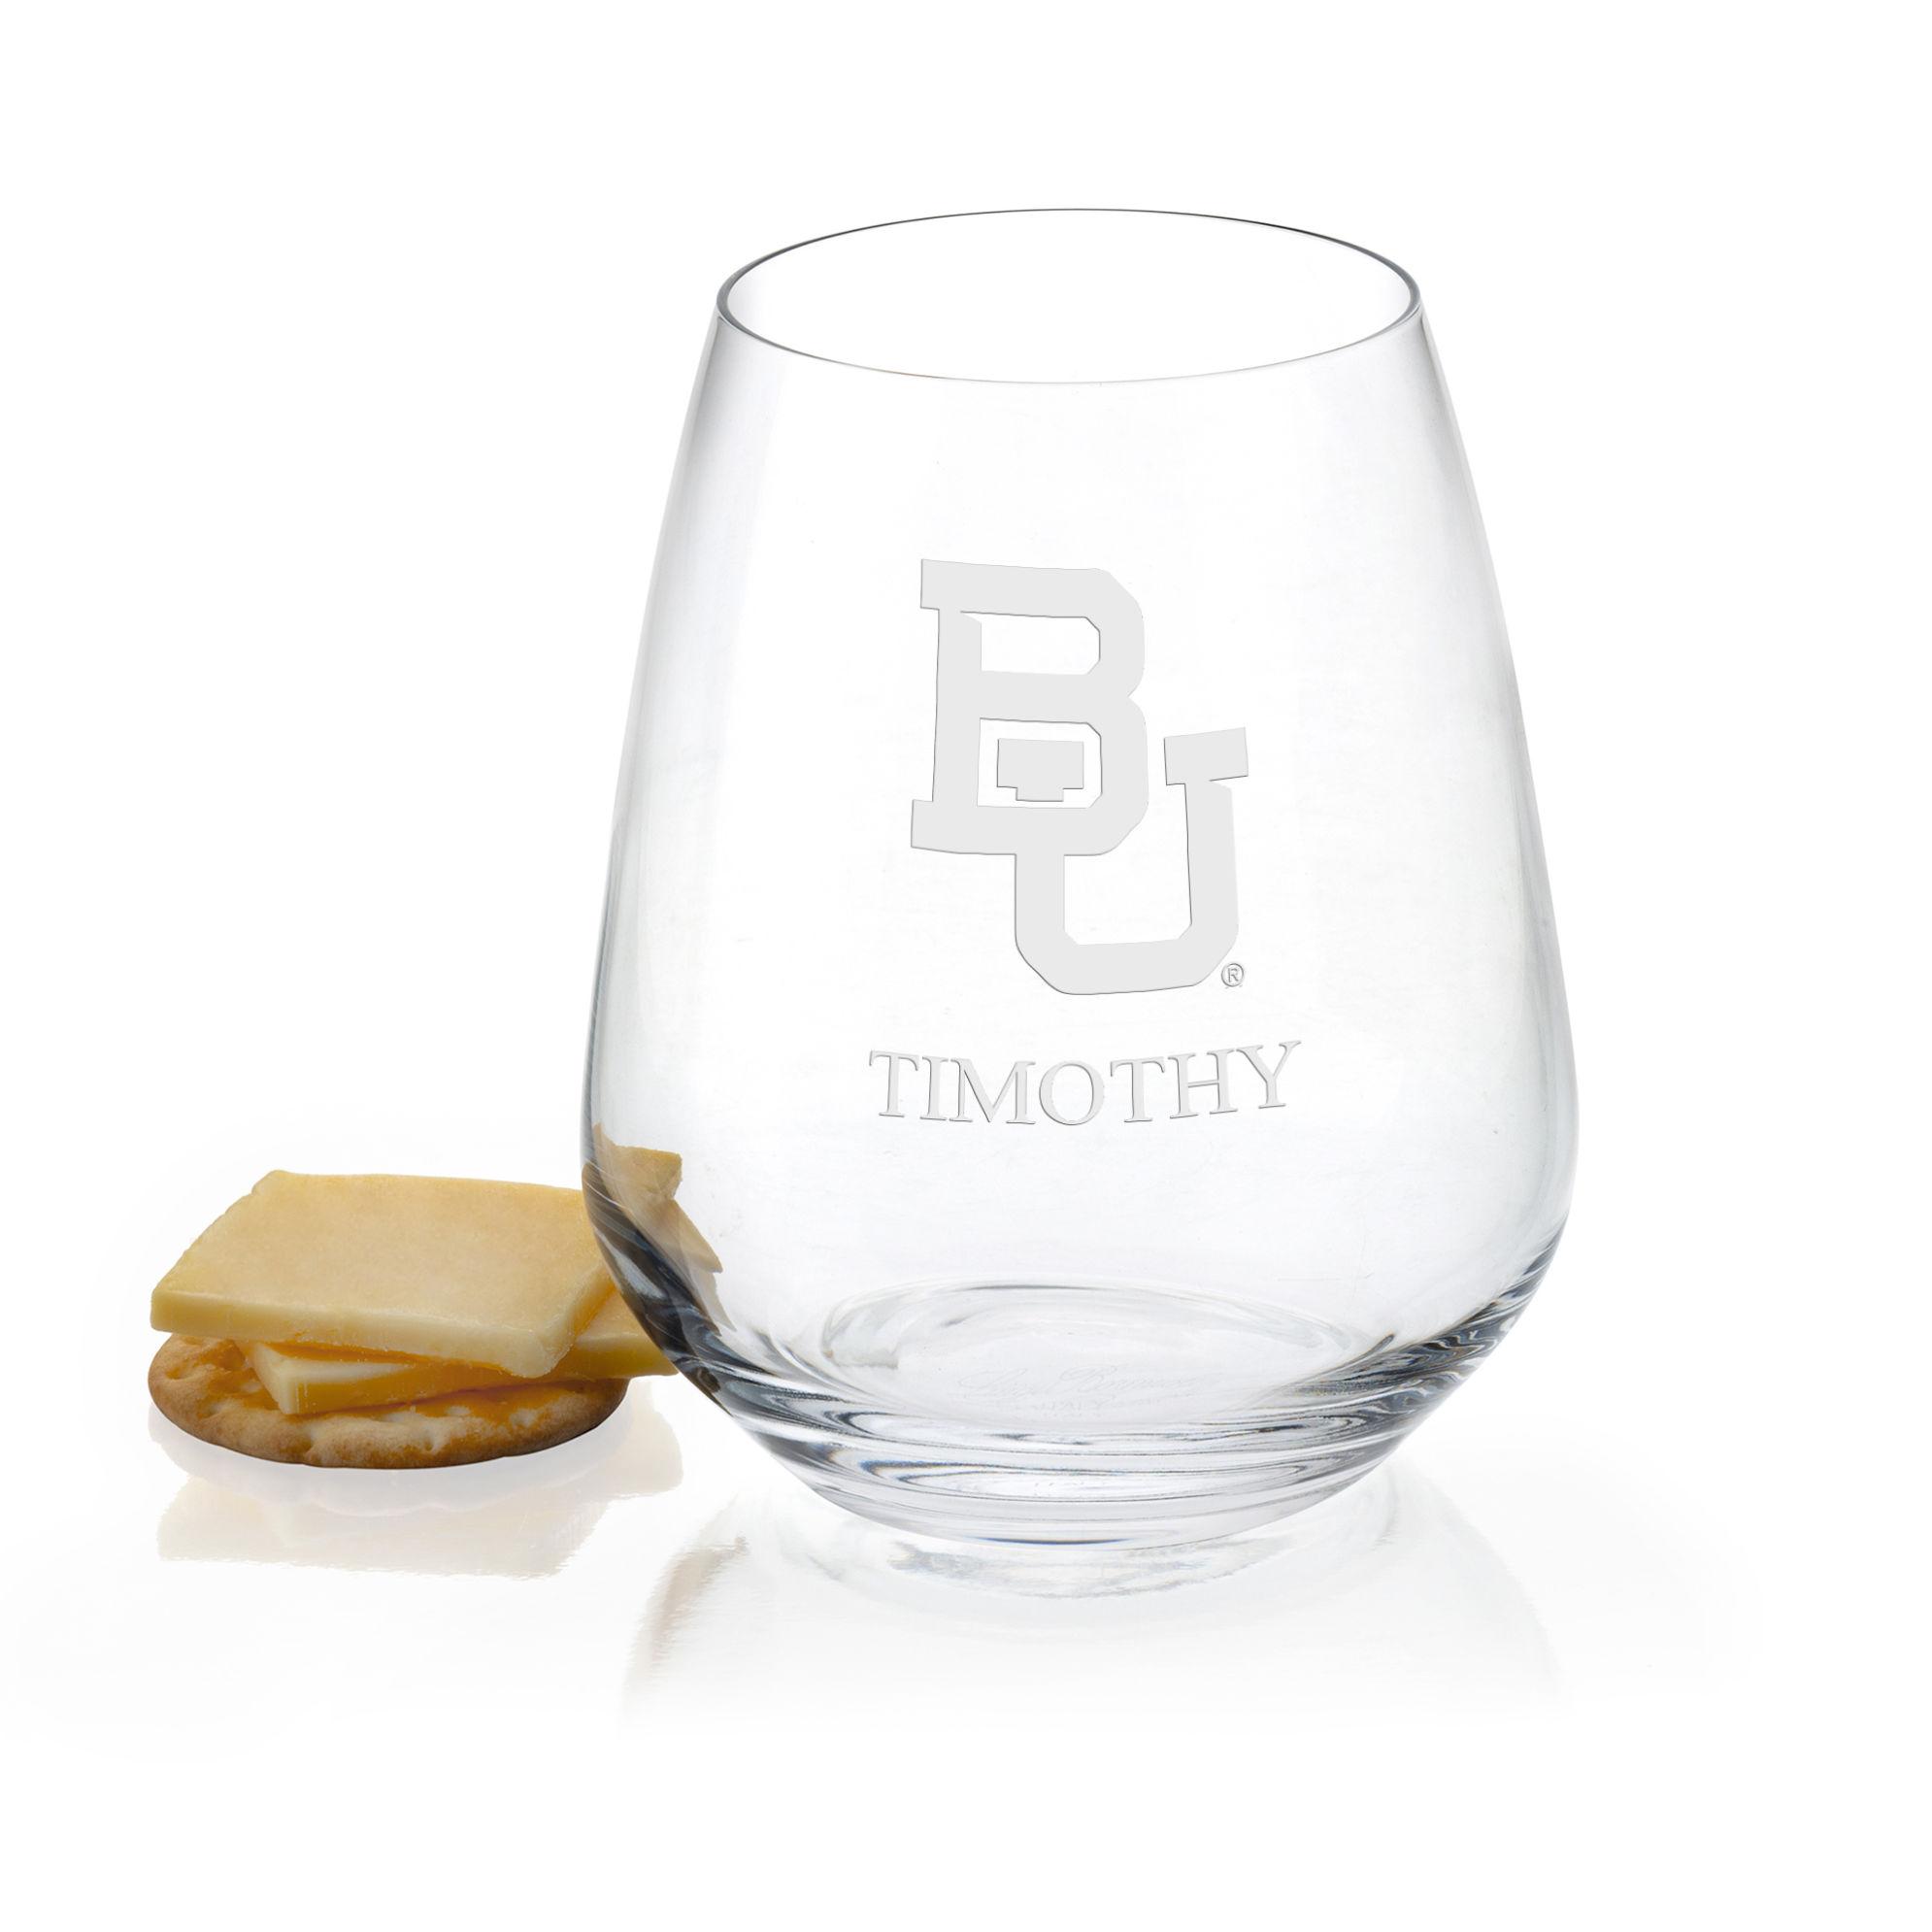 Baylor Stemless Glasses - Set of 2